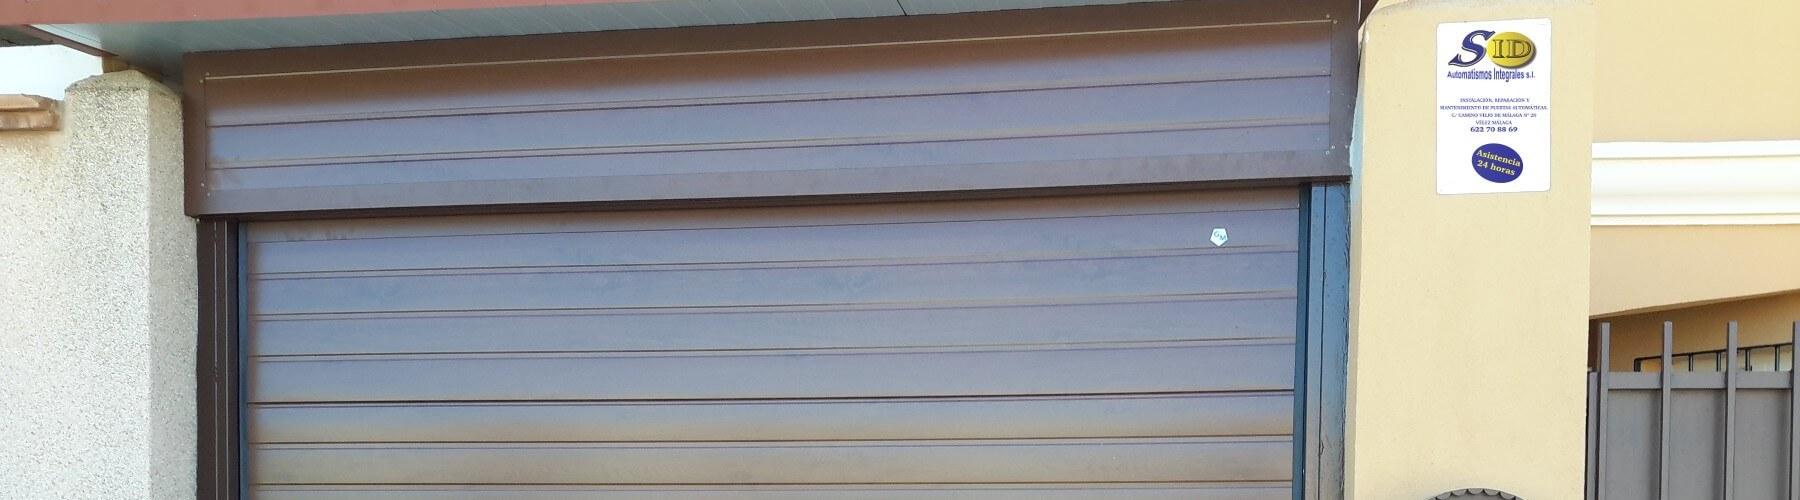 Puerta seccional de garaje de color marrón